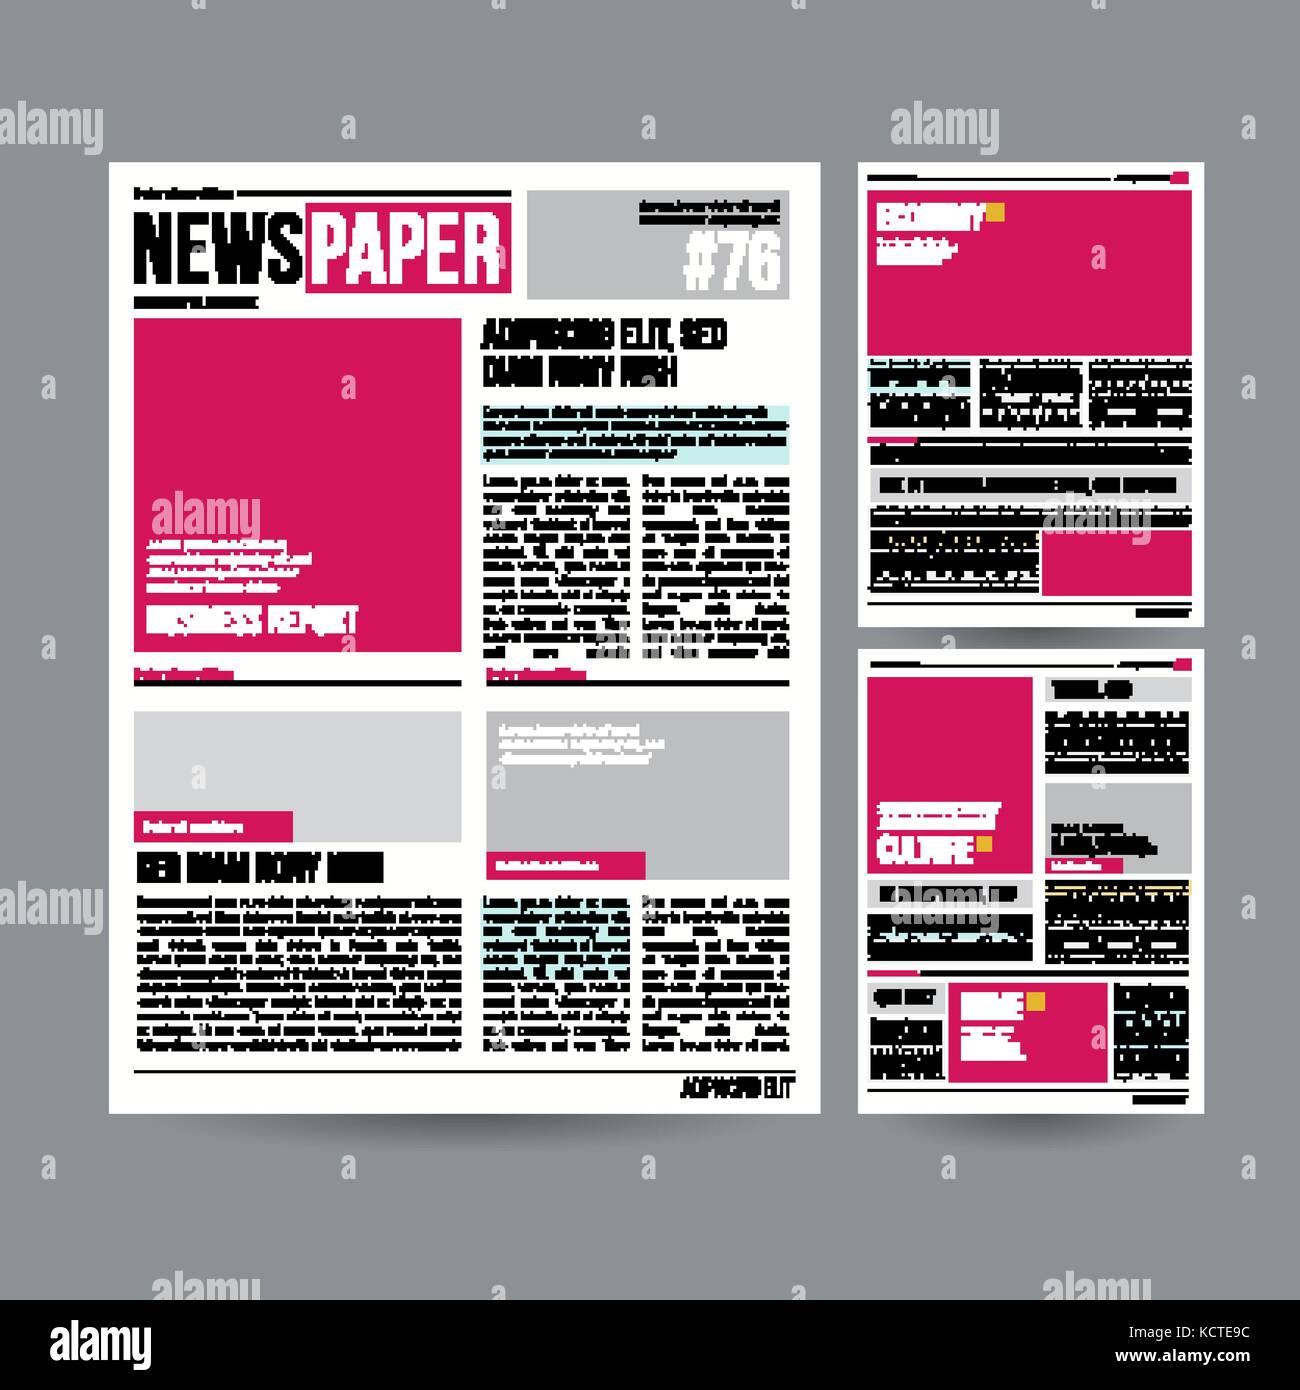 Plantilla de diseño periódico tabloide vector. imágenes, artículos ...